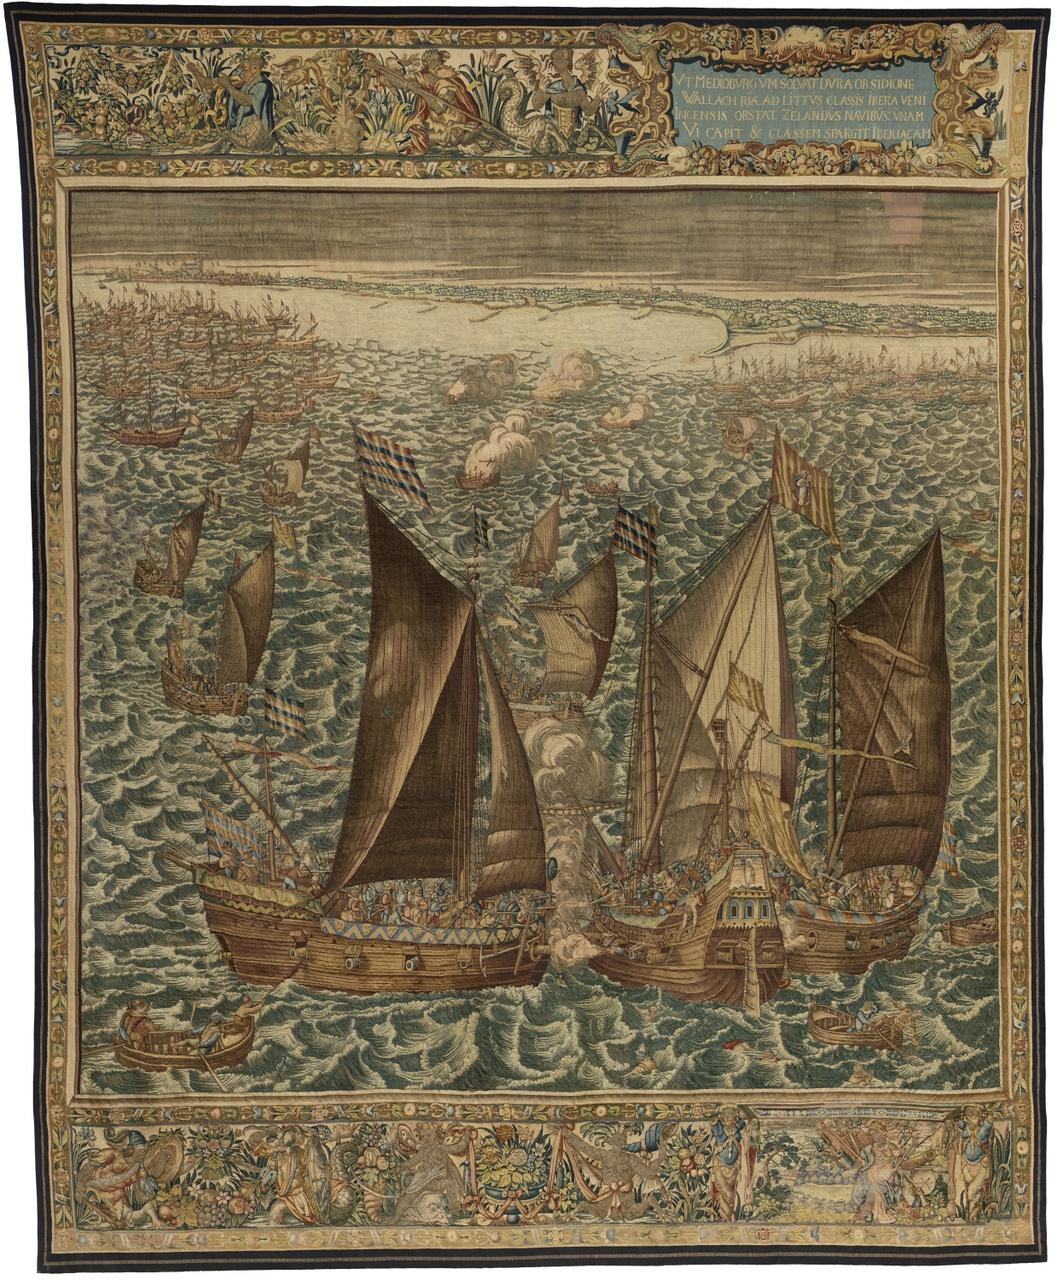 Wandtapijt Beleg van Veere 6-18 mei 1572 (linker tapijt)